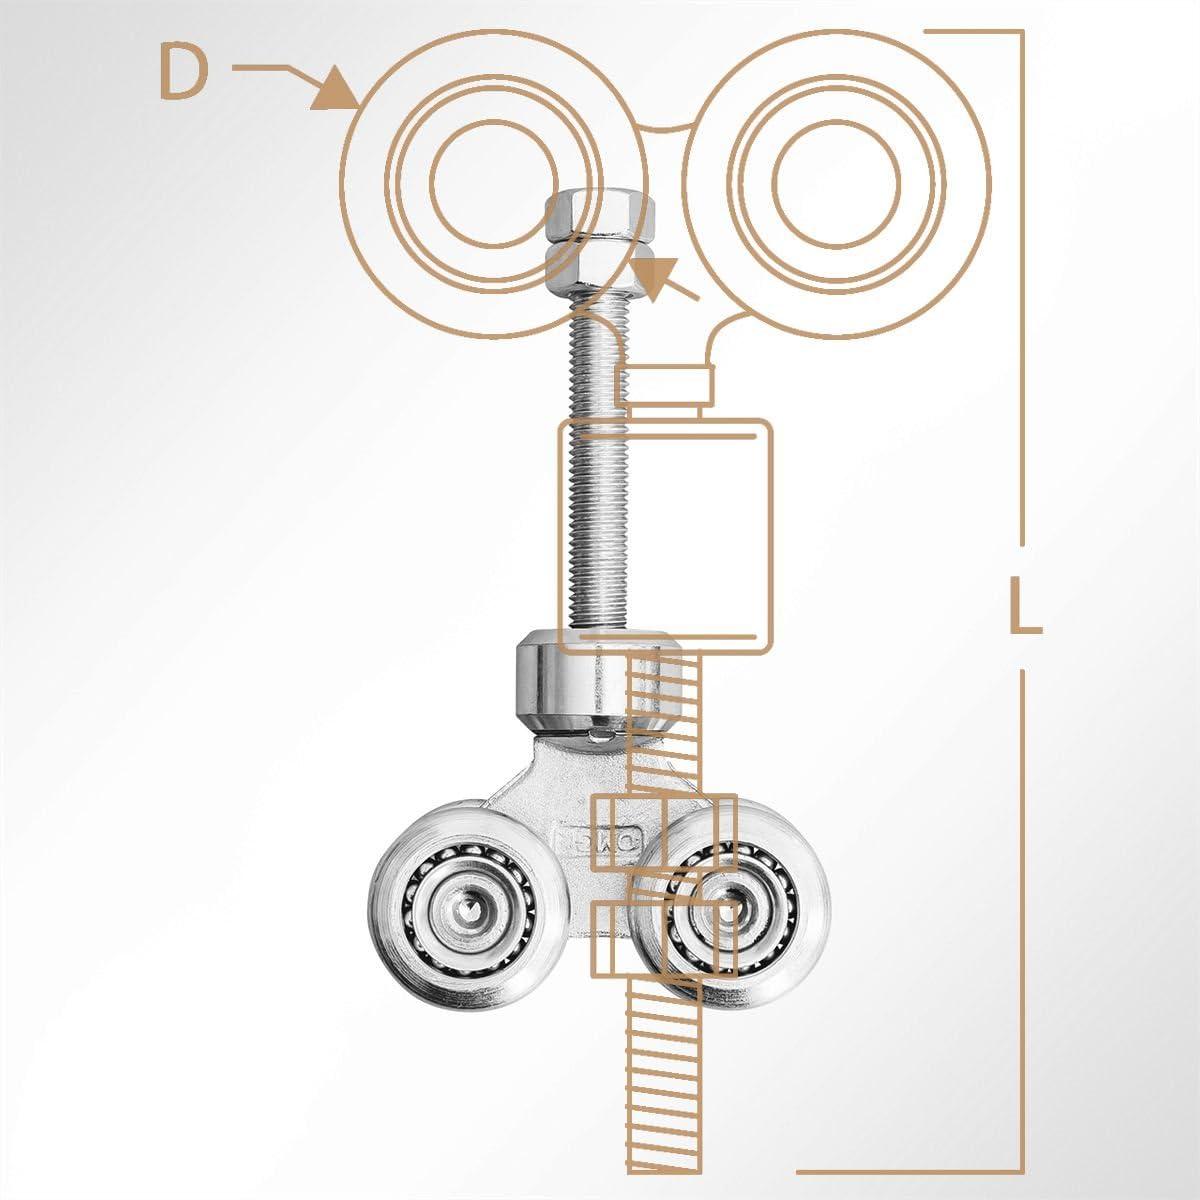 LYSEL 4-Fach Laufrolle F/ührungsrollen Laufwagen Rollenlaufwerk Drehbar 360/° Kugellager 200 Kg 1 St/ück